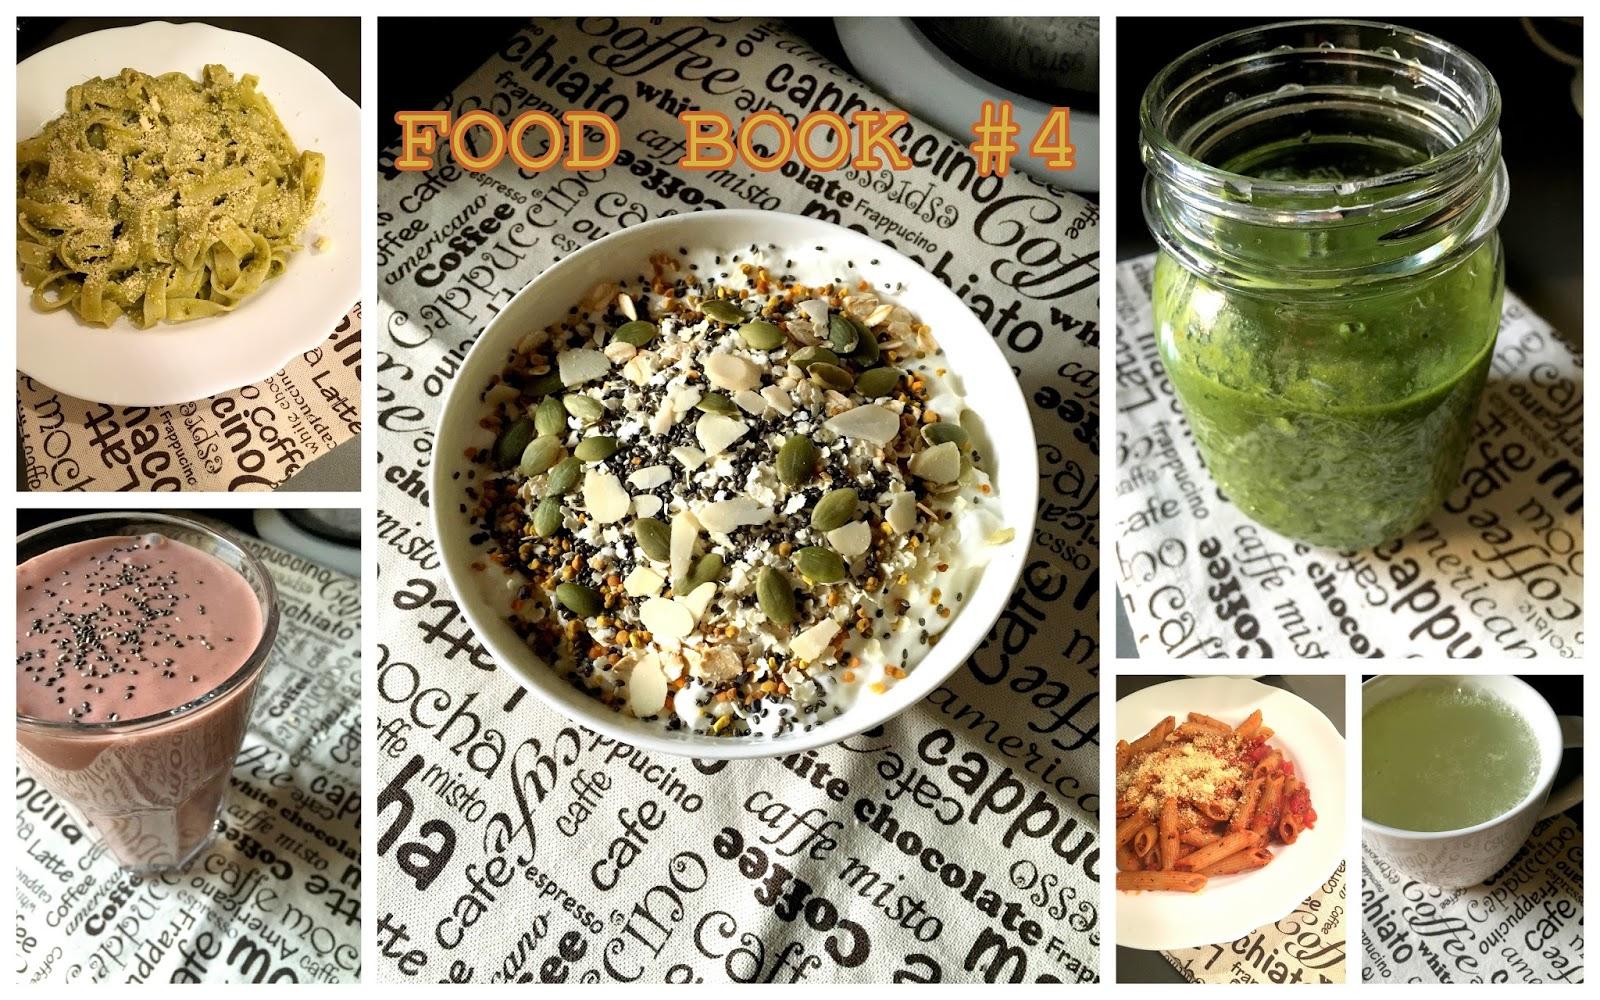 FOOD BOOK #4